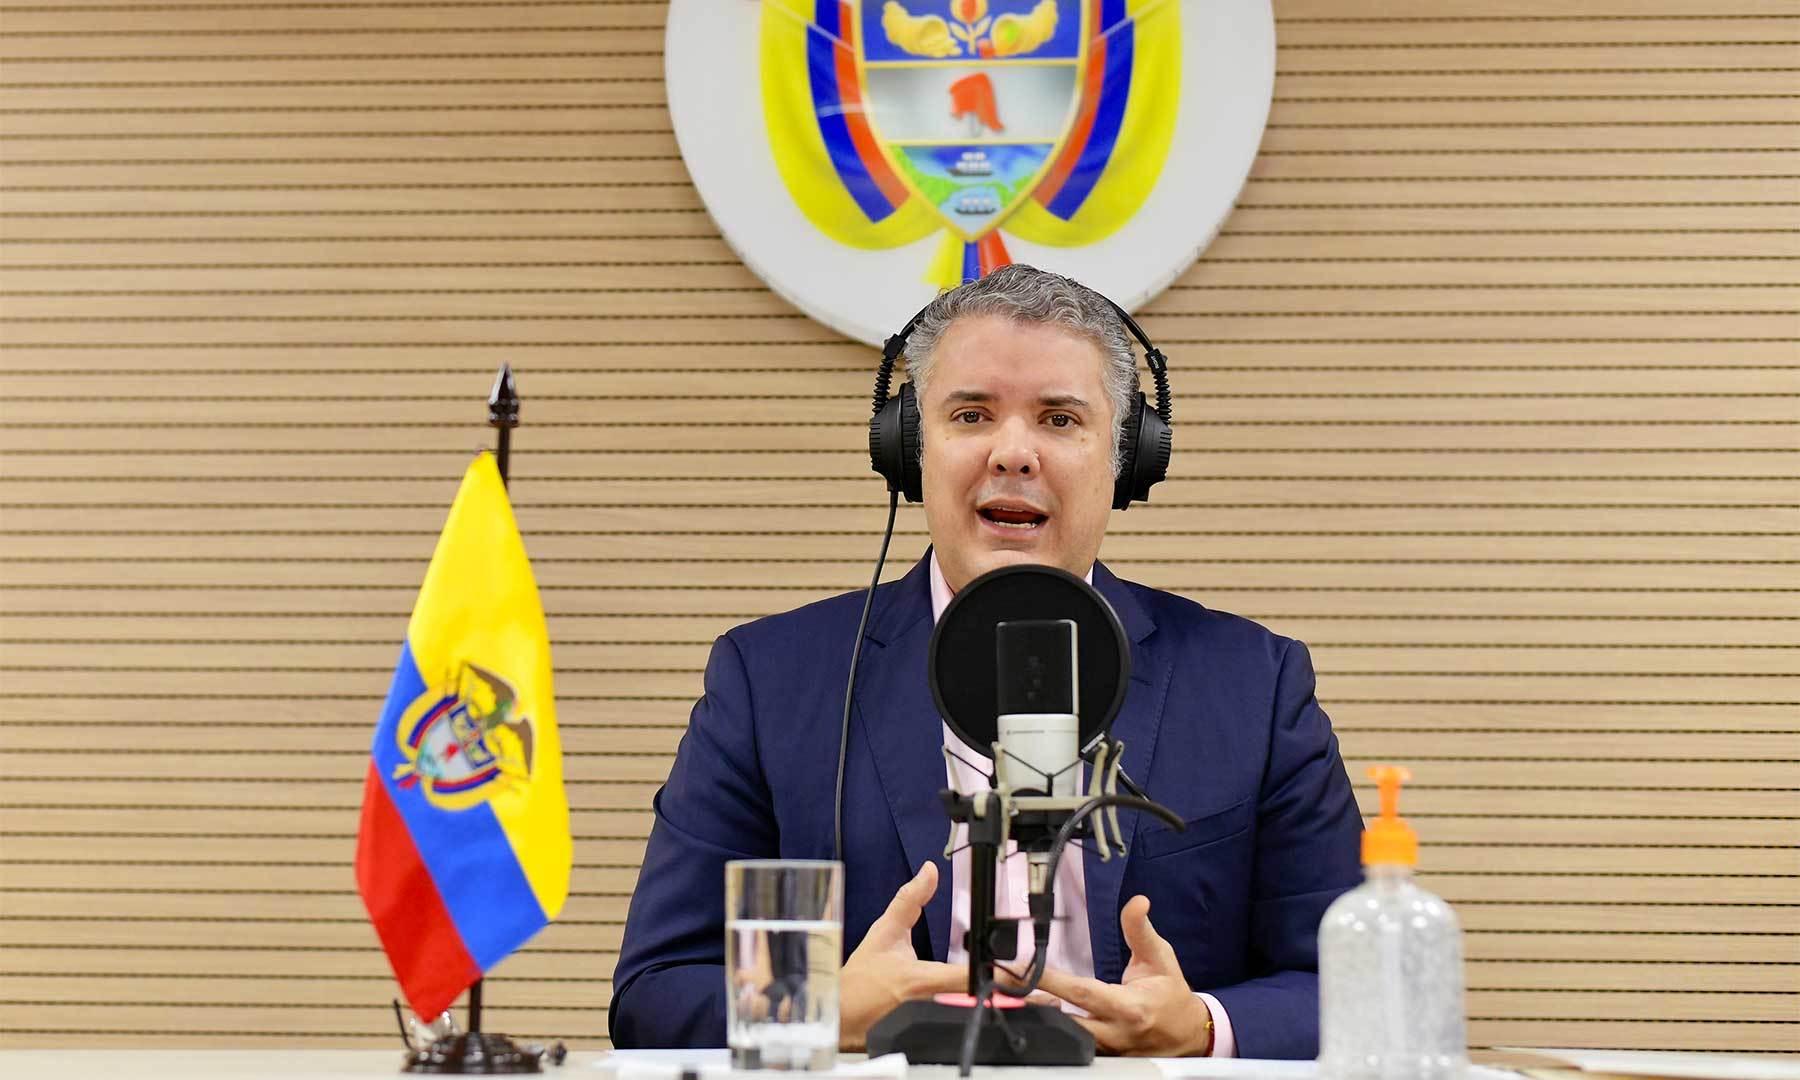 Coronavirus Colombia: Resumen de las noticias, casos de contagio y muertos por Covid-19 del 17 de abril 5